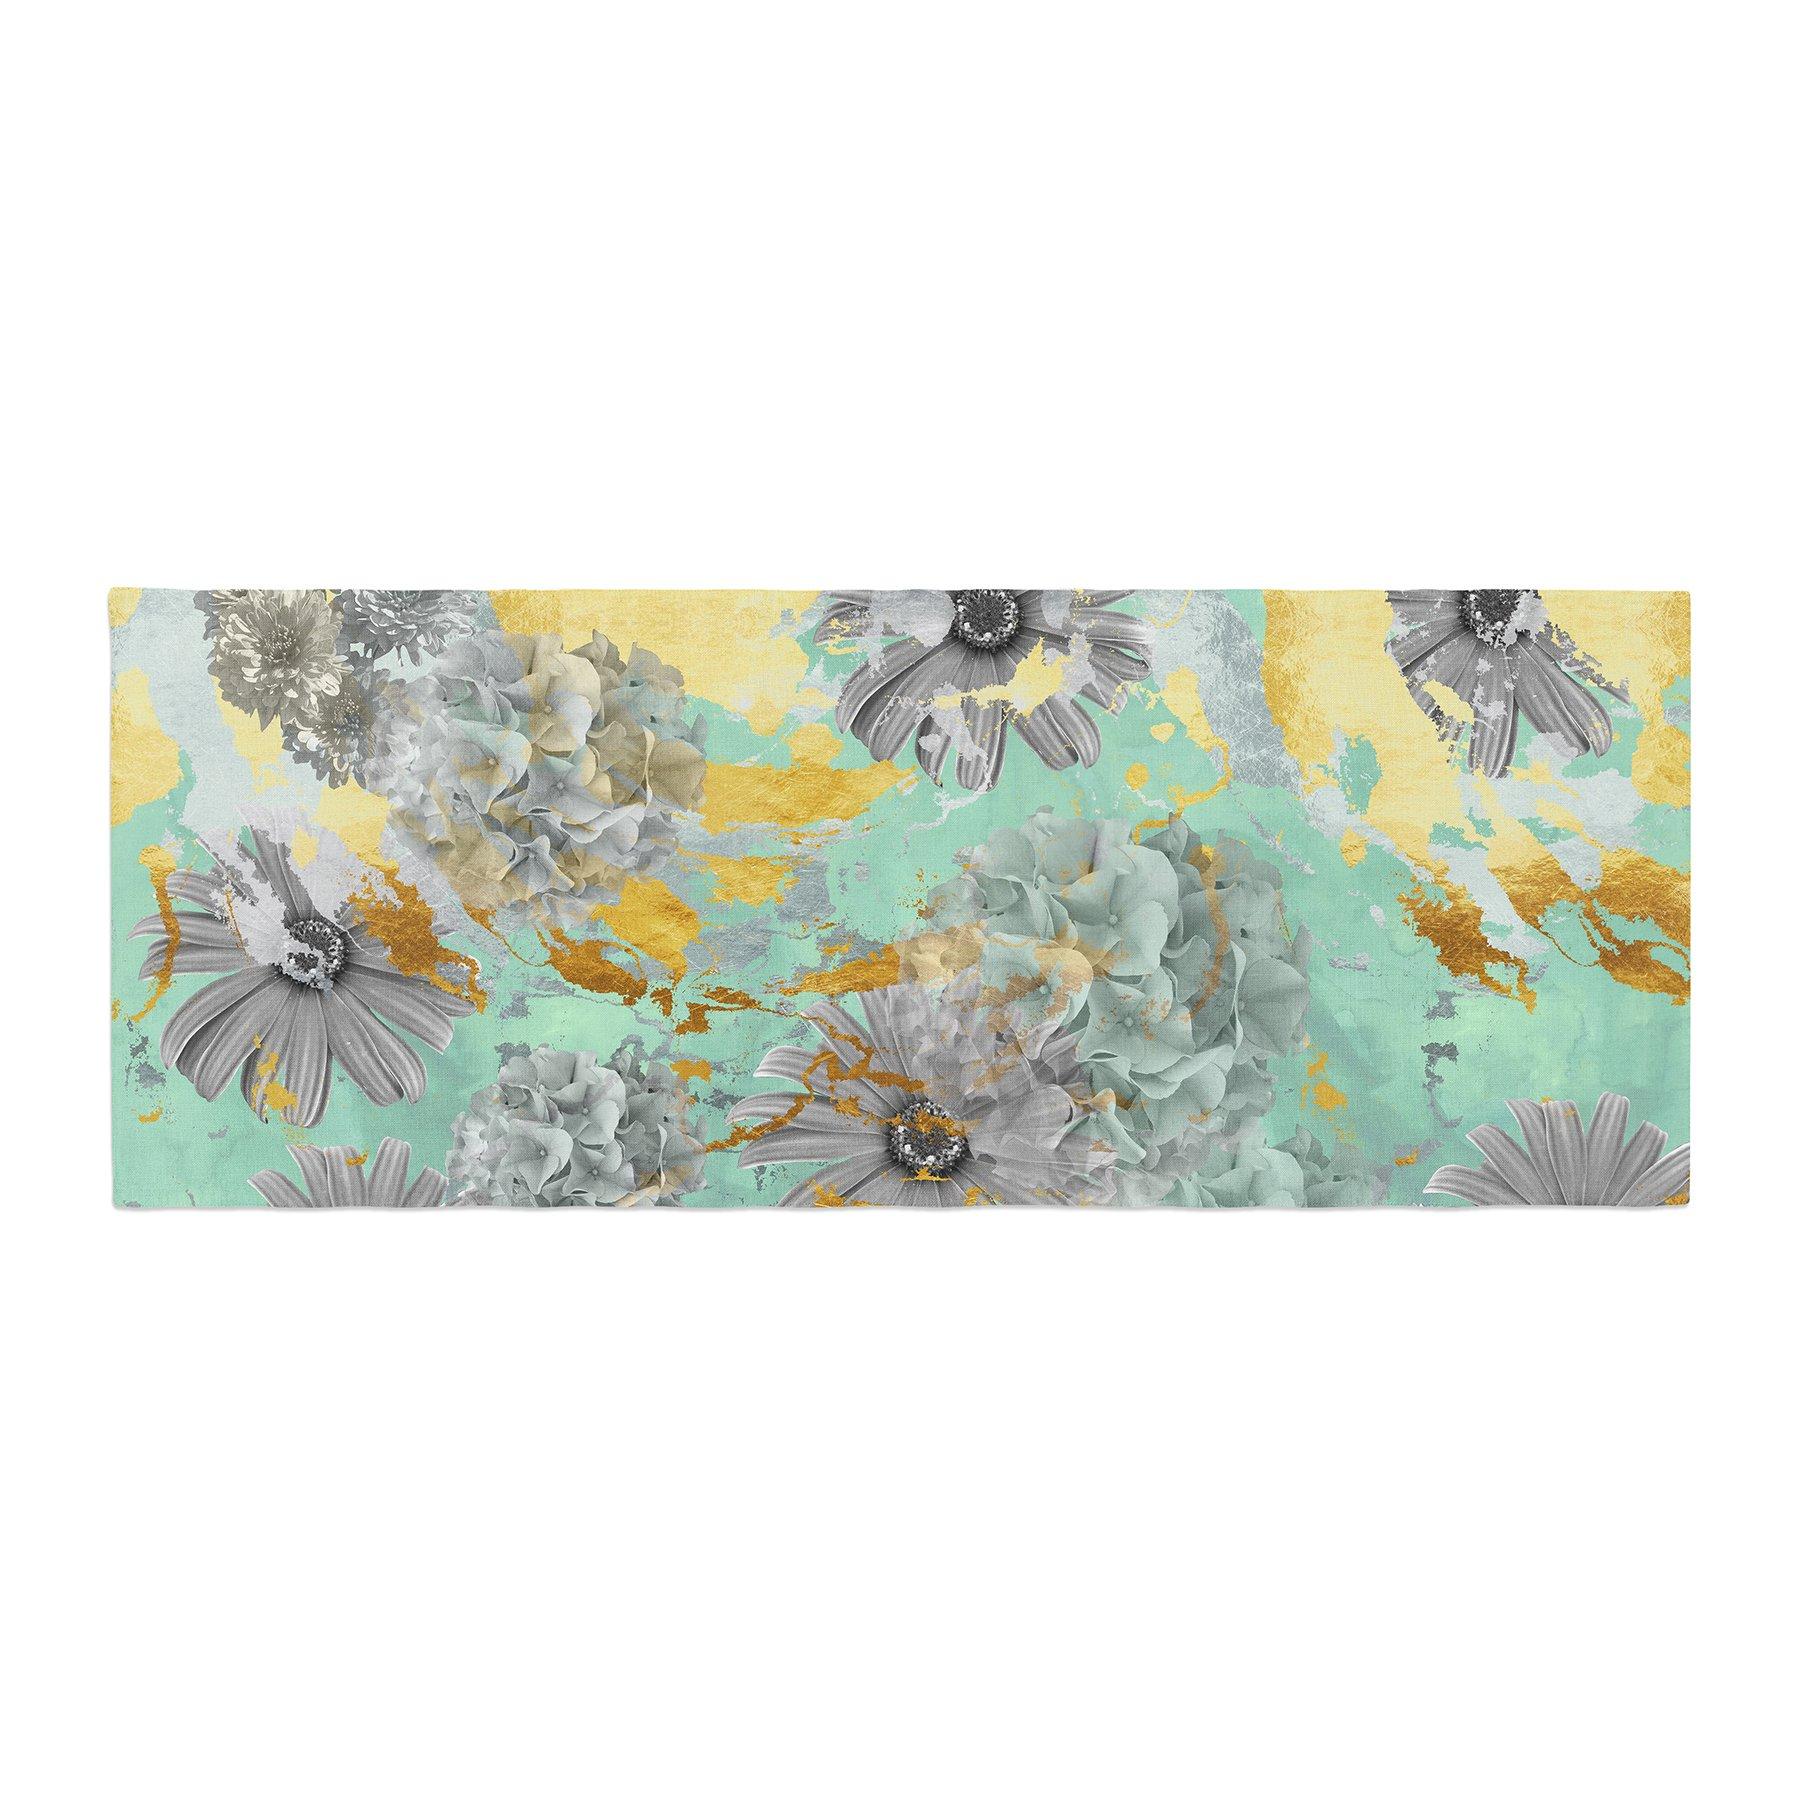 Kess InHouse Zara Martina Mansen Mint Gold Garden Green Gray Bed Runner, 34'' x 86''